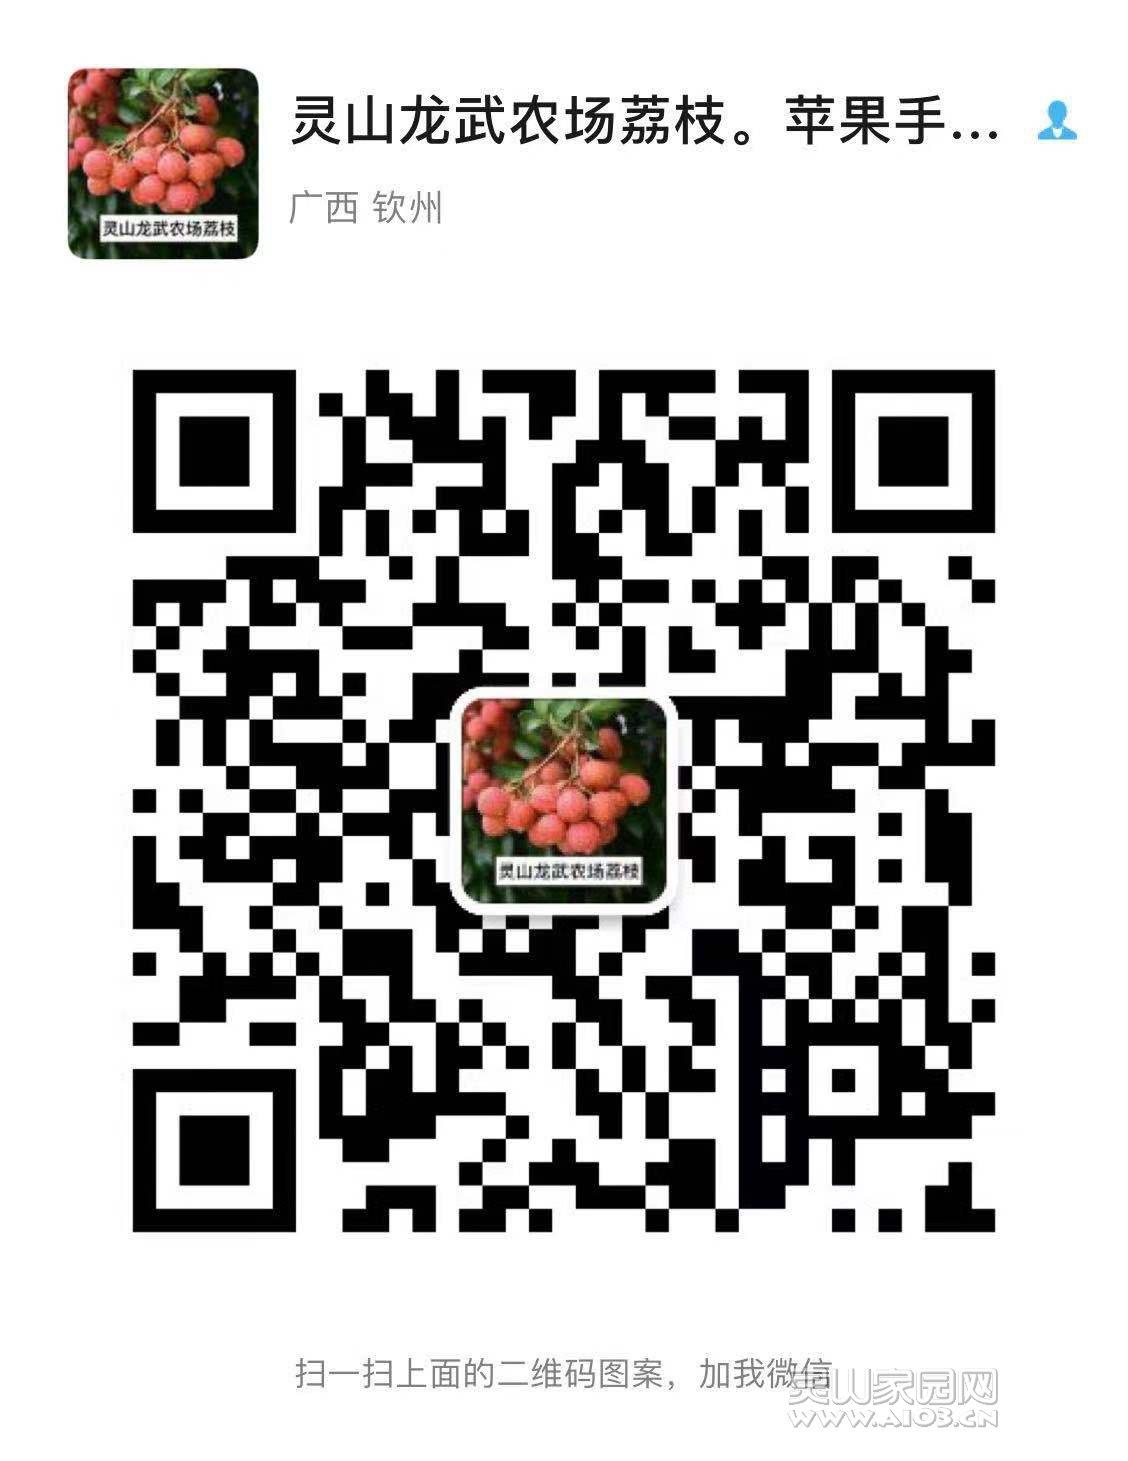 微信图片_20210528150855.jpg